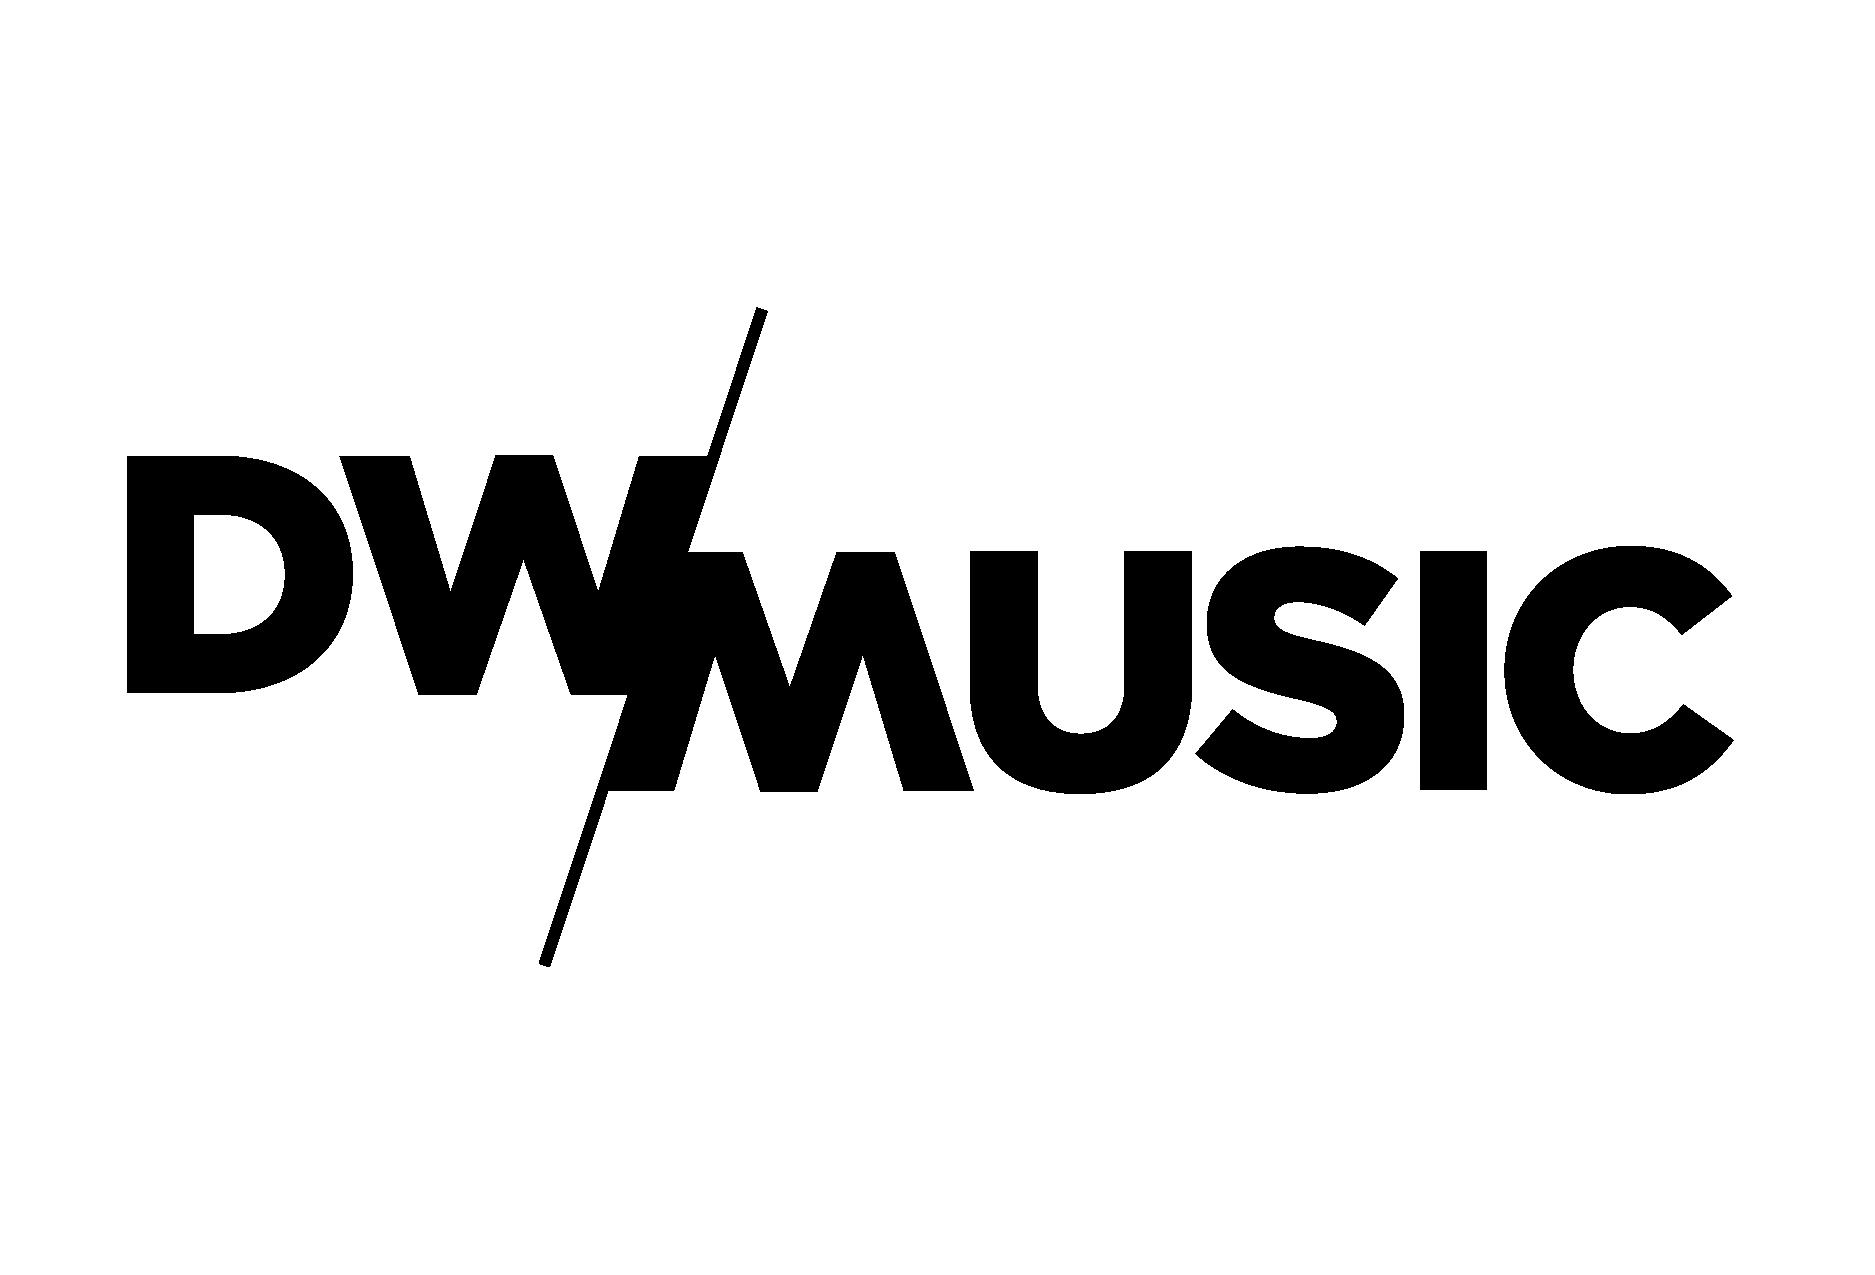 dwMusic_logo_bk copy.png